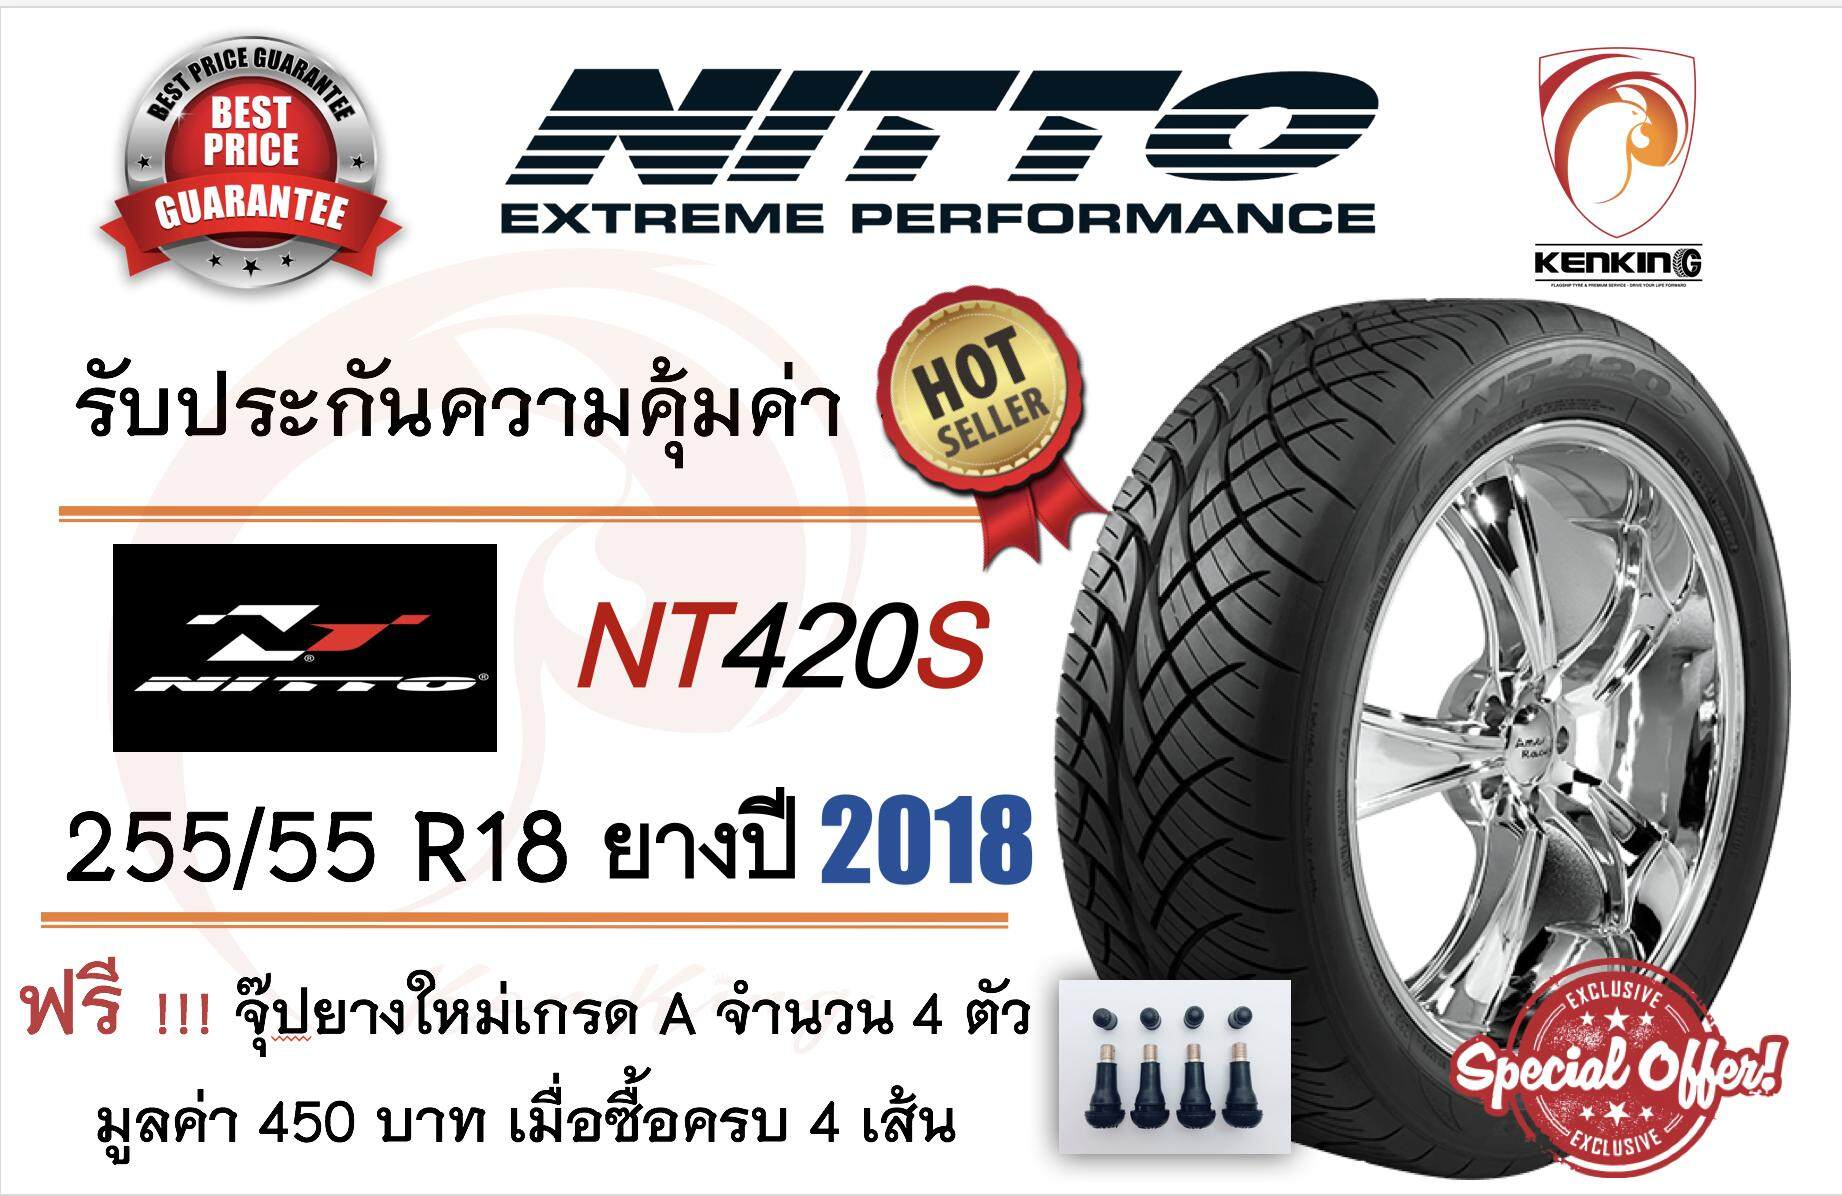 ประกันภัย รถยนต์ แบบ ผ่อน ได้ เพชรบูรณ์ Nitto นิโต๊ะ 255/55 R18 NEW   2018 รุ่น 420S (SHOCK   PRICE SUPER DEAL  )